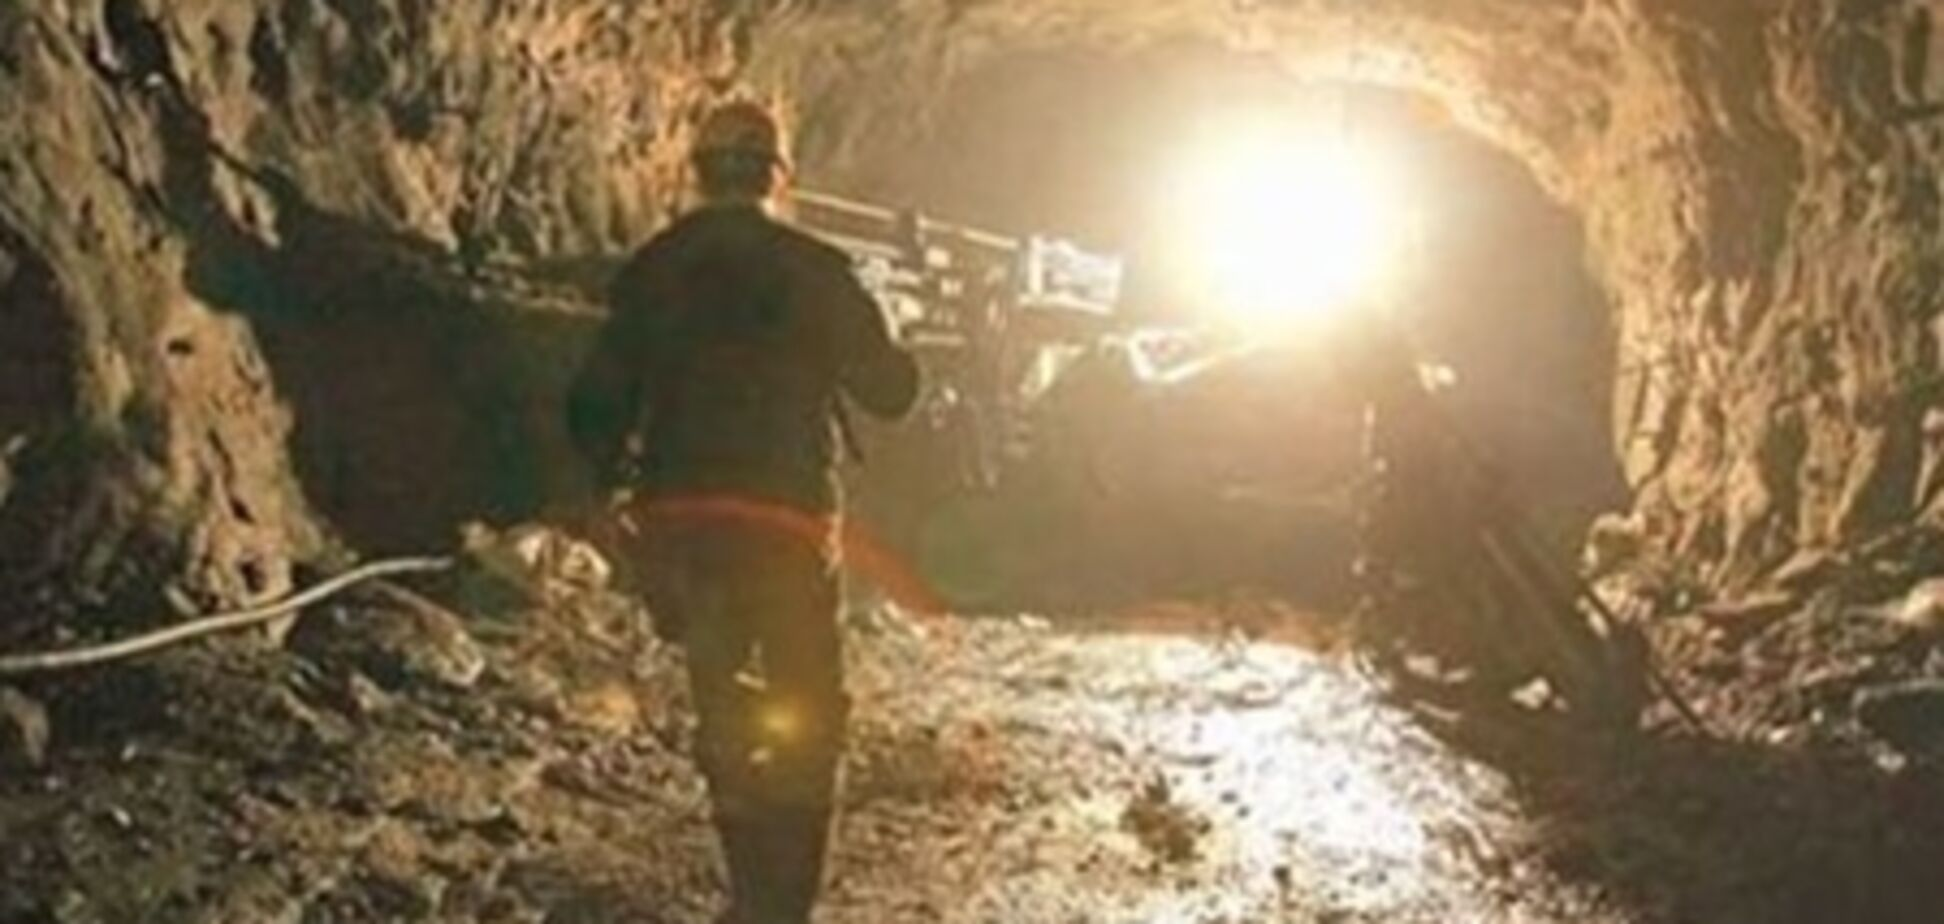 Установлена причина пожара на луганской шахте